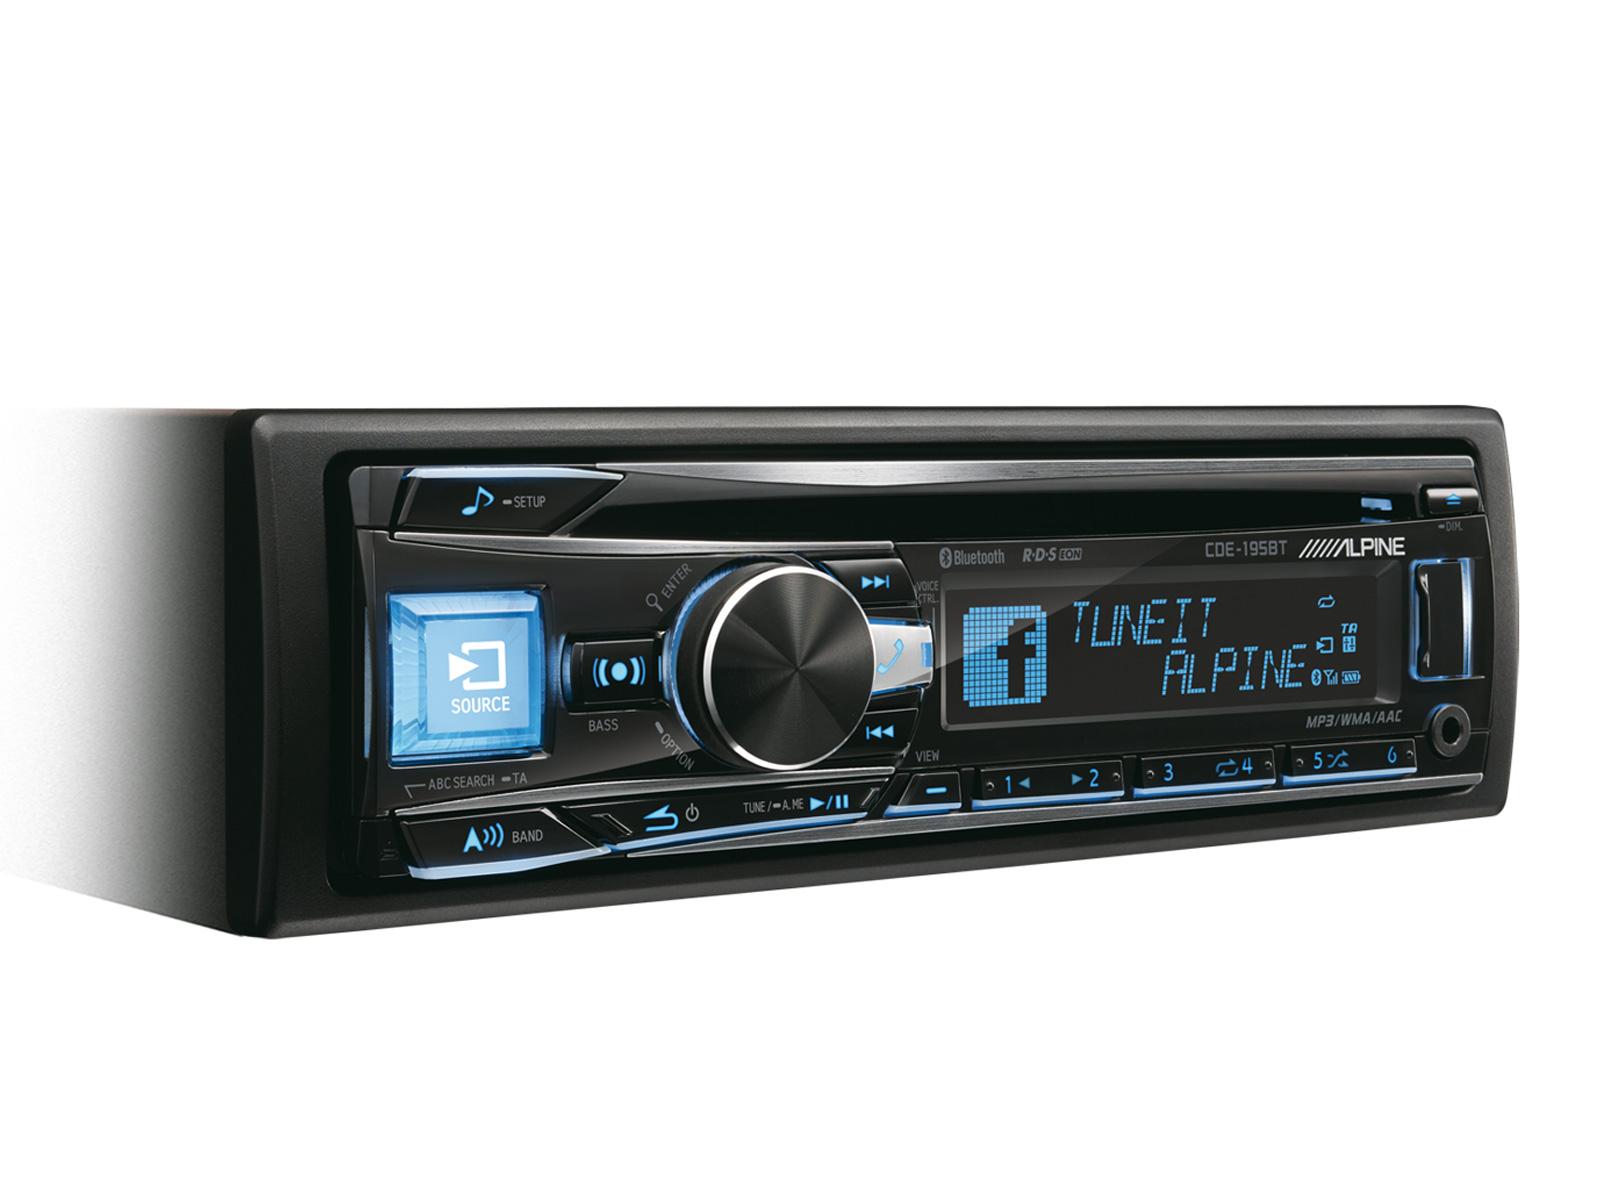 ALPINE CDE-195BT (CD, MP3 přehrávač s USB, Bluetooth modulem, AUX vstupem)